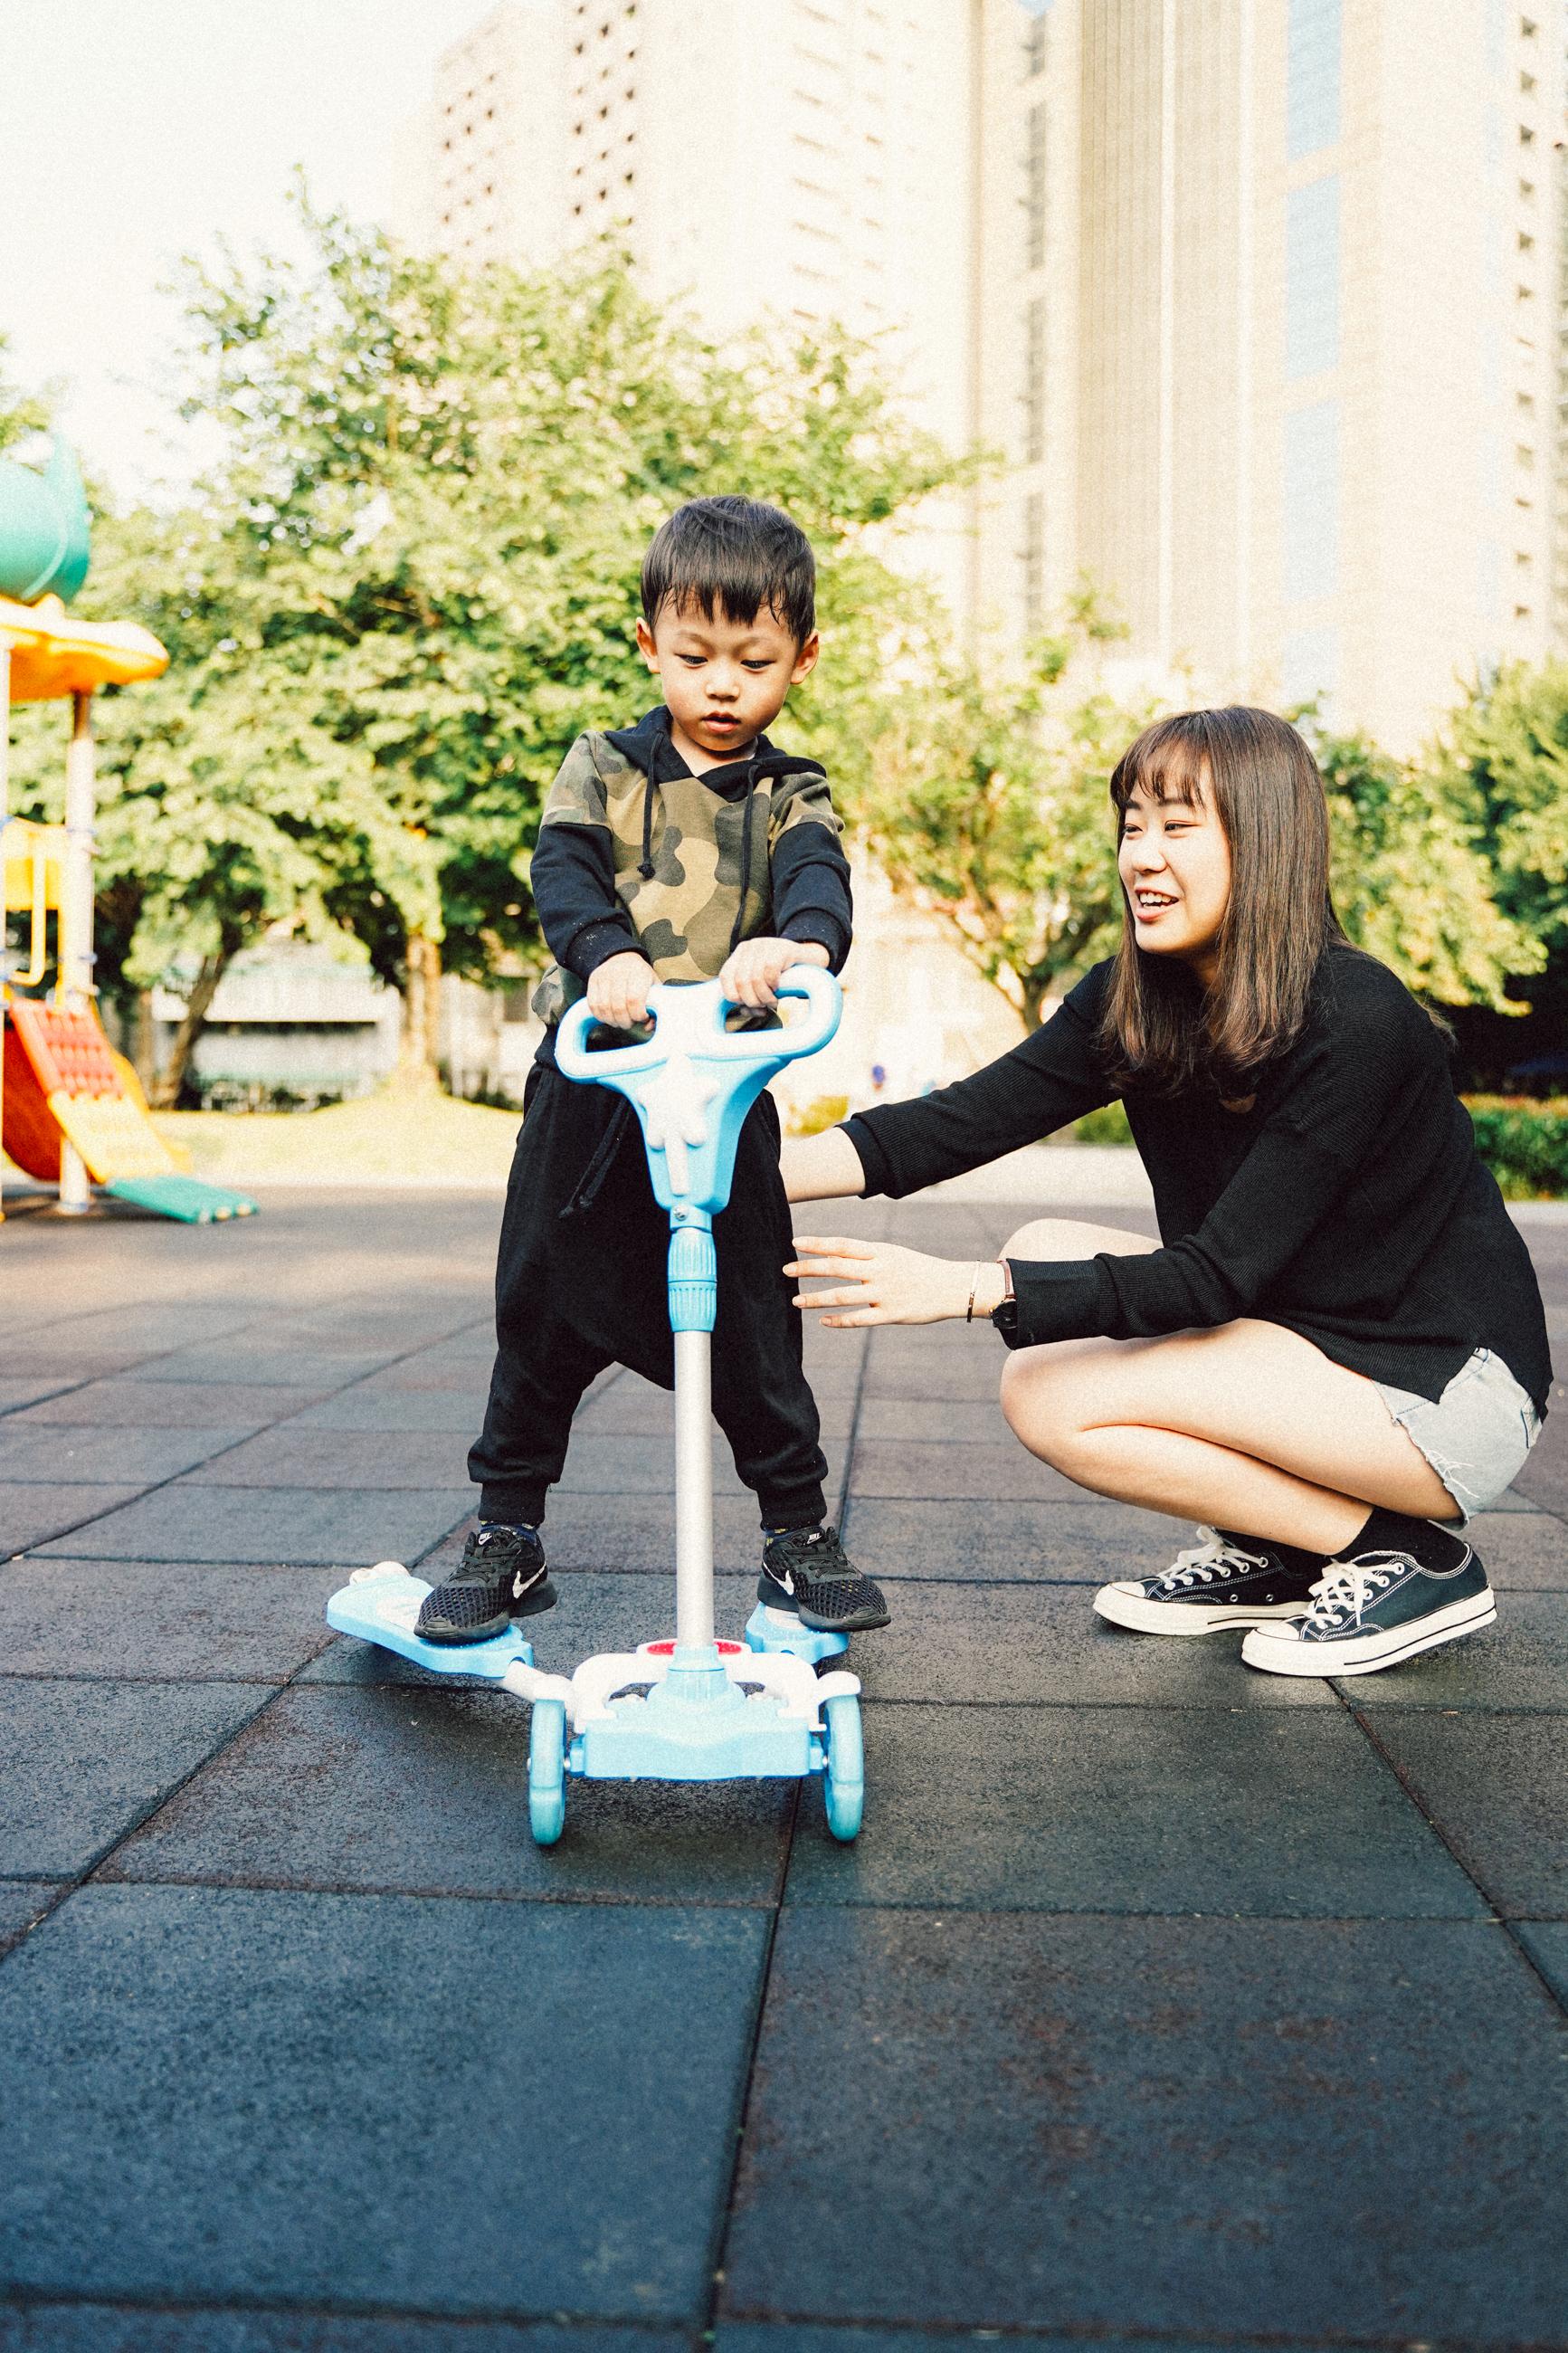 兒童搖擺車 玩法